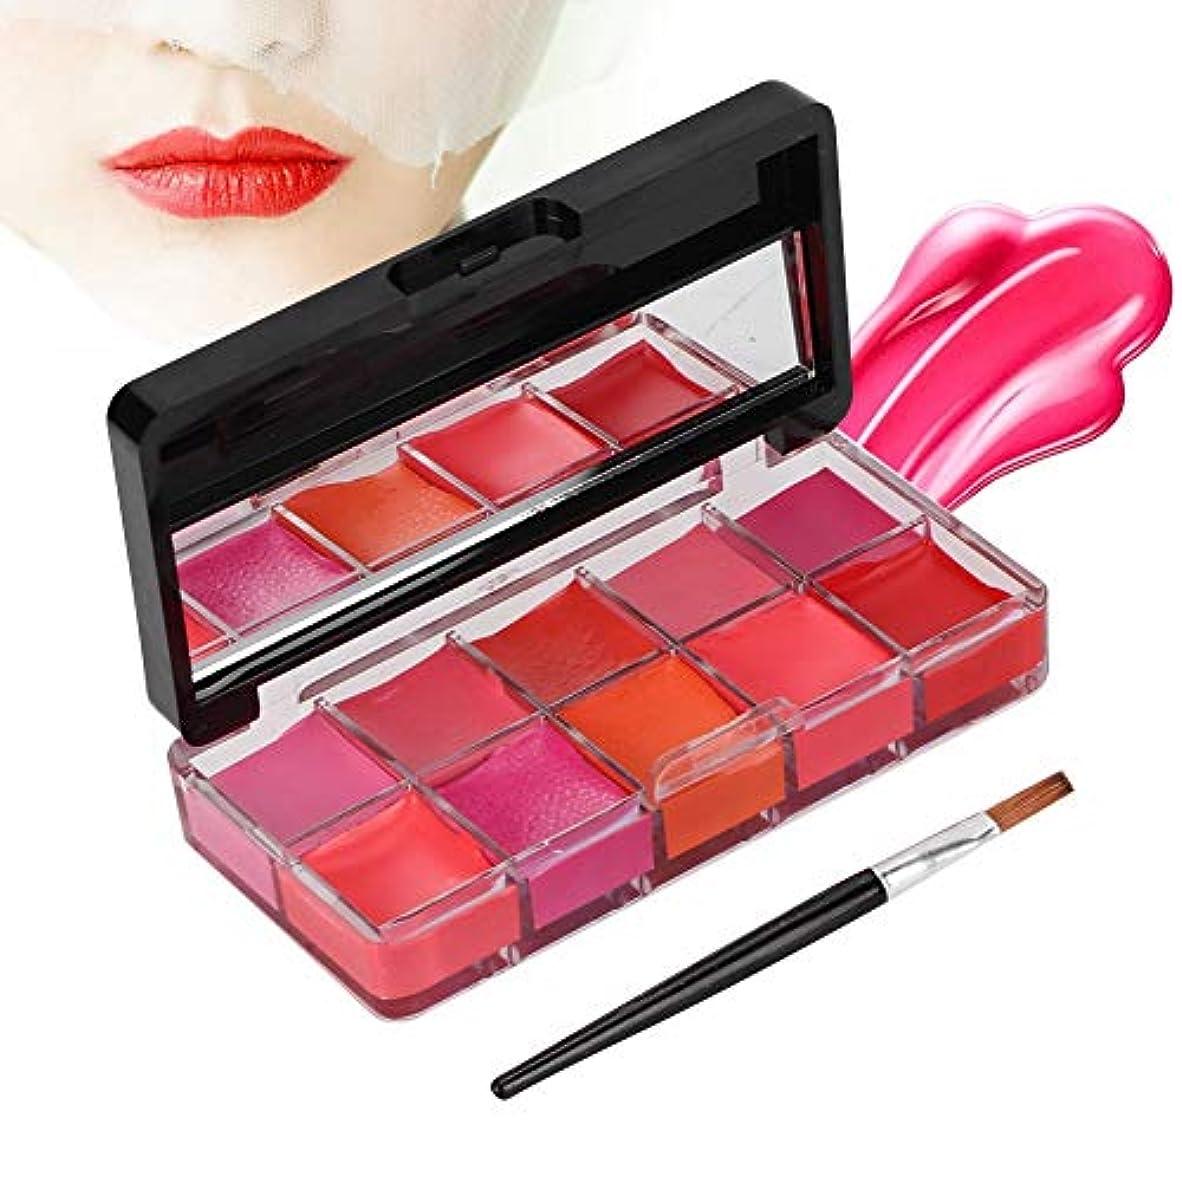 10色 リップパレット 保湿リップスティック防水リップグロス、リップブラシおよび化粧鏡付き